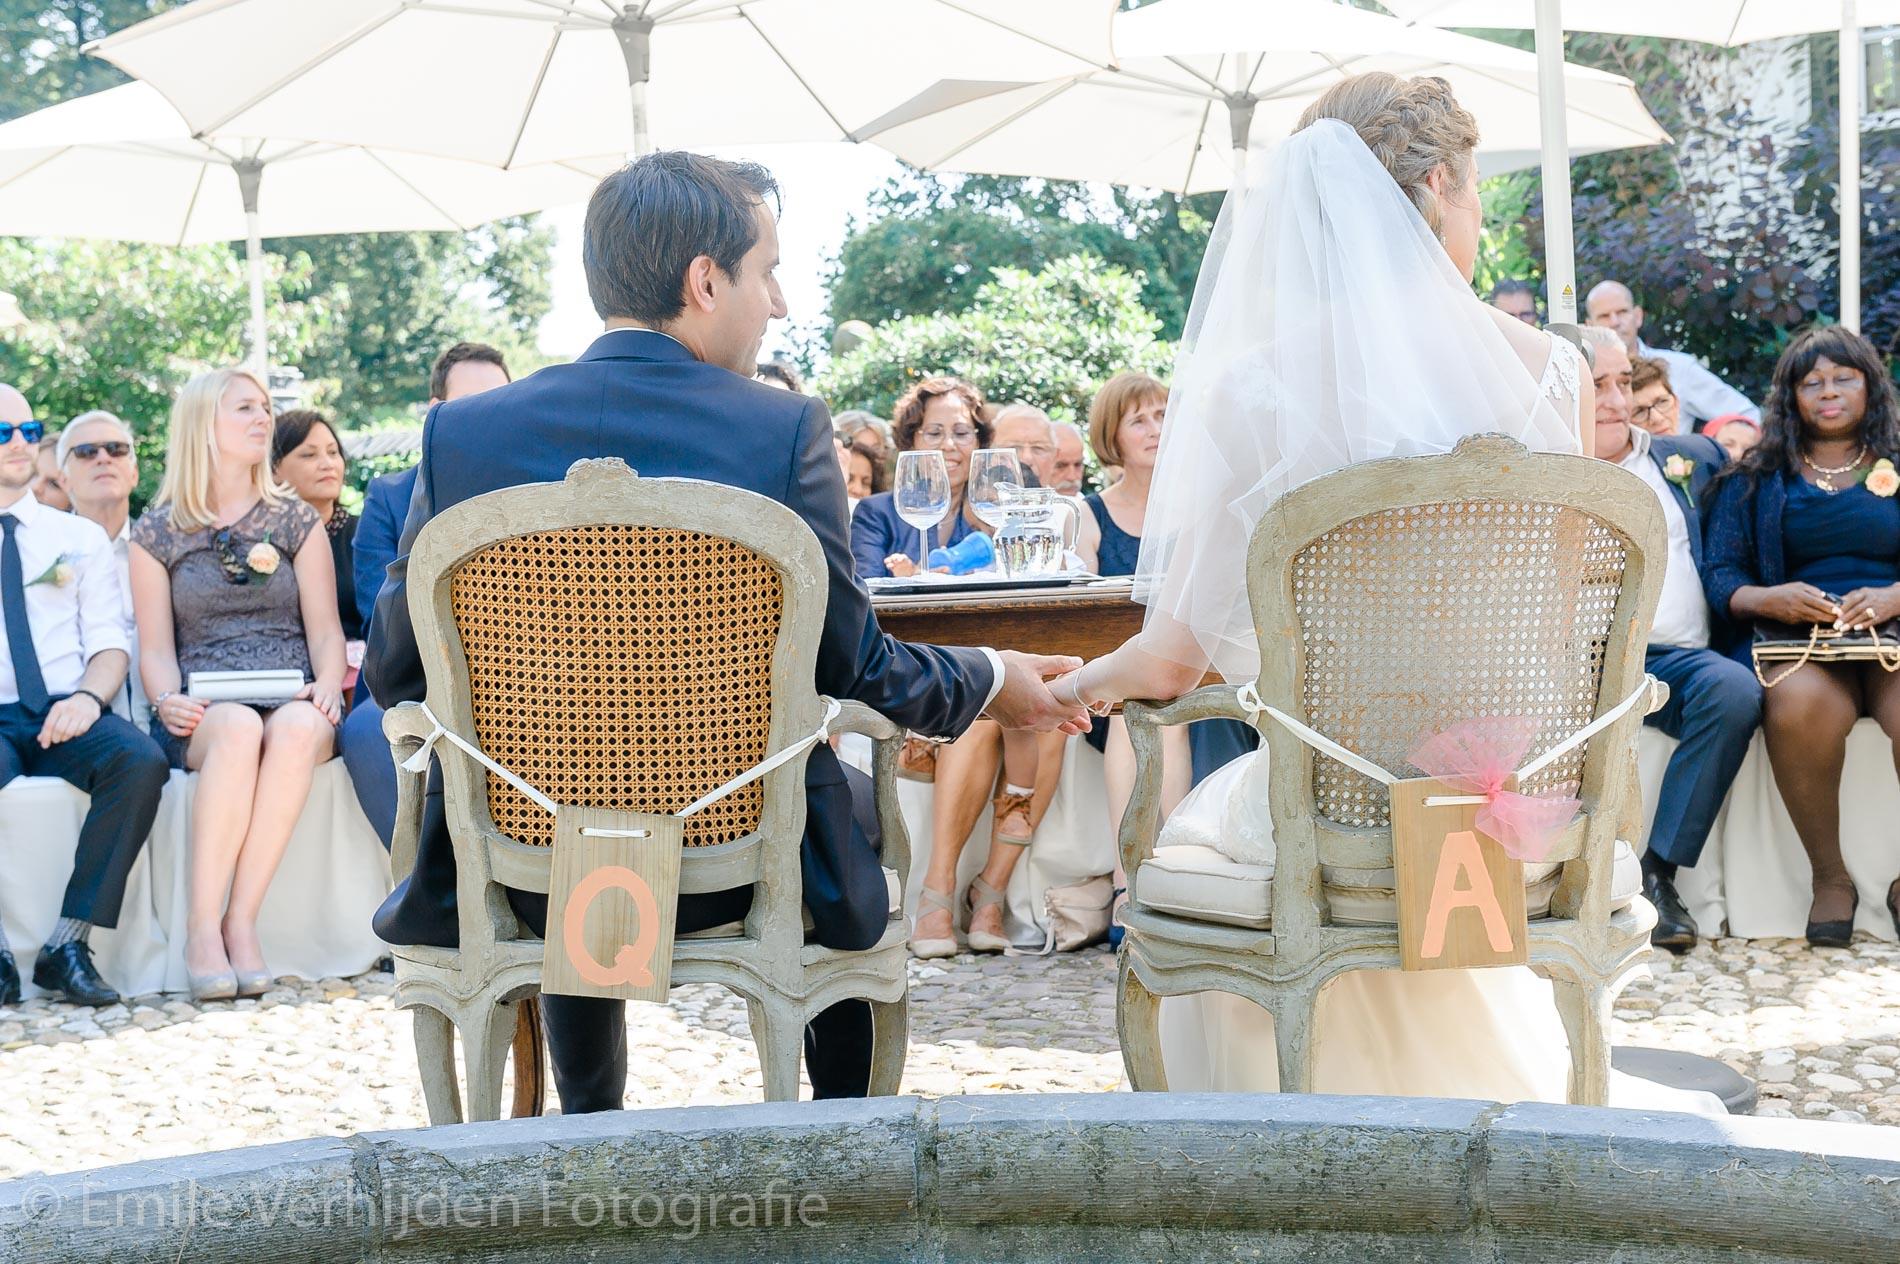 Hand in hand tijdens de ceremonie. Trouwfotograaf Limburg Emile Verhijden